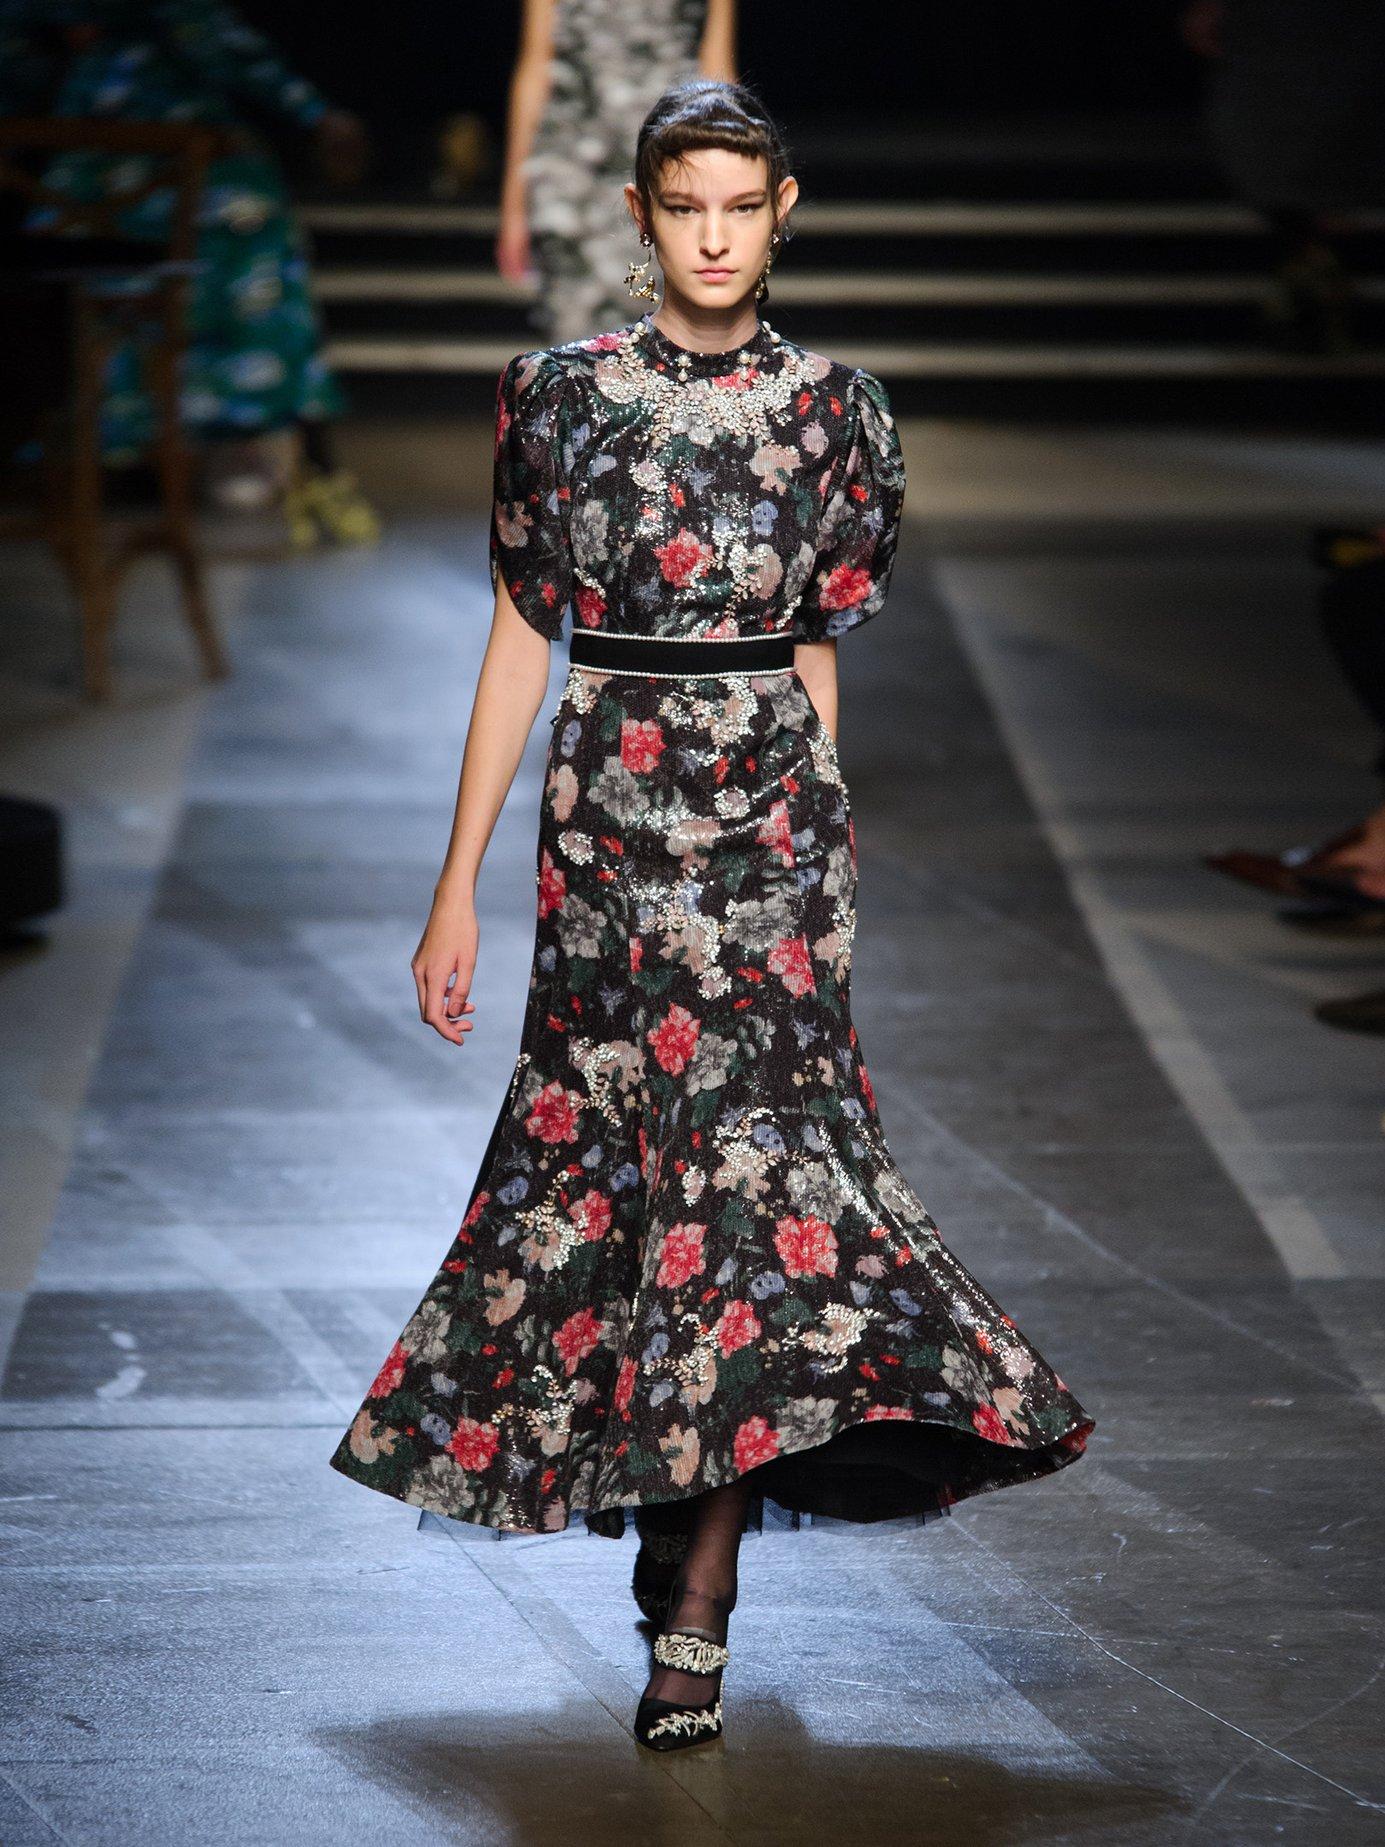 Hael sequin and crystal-embellished dress by Erdem